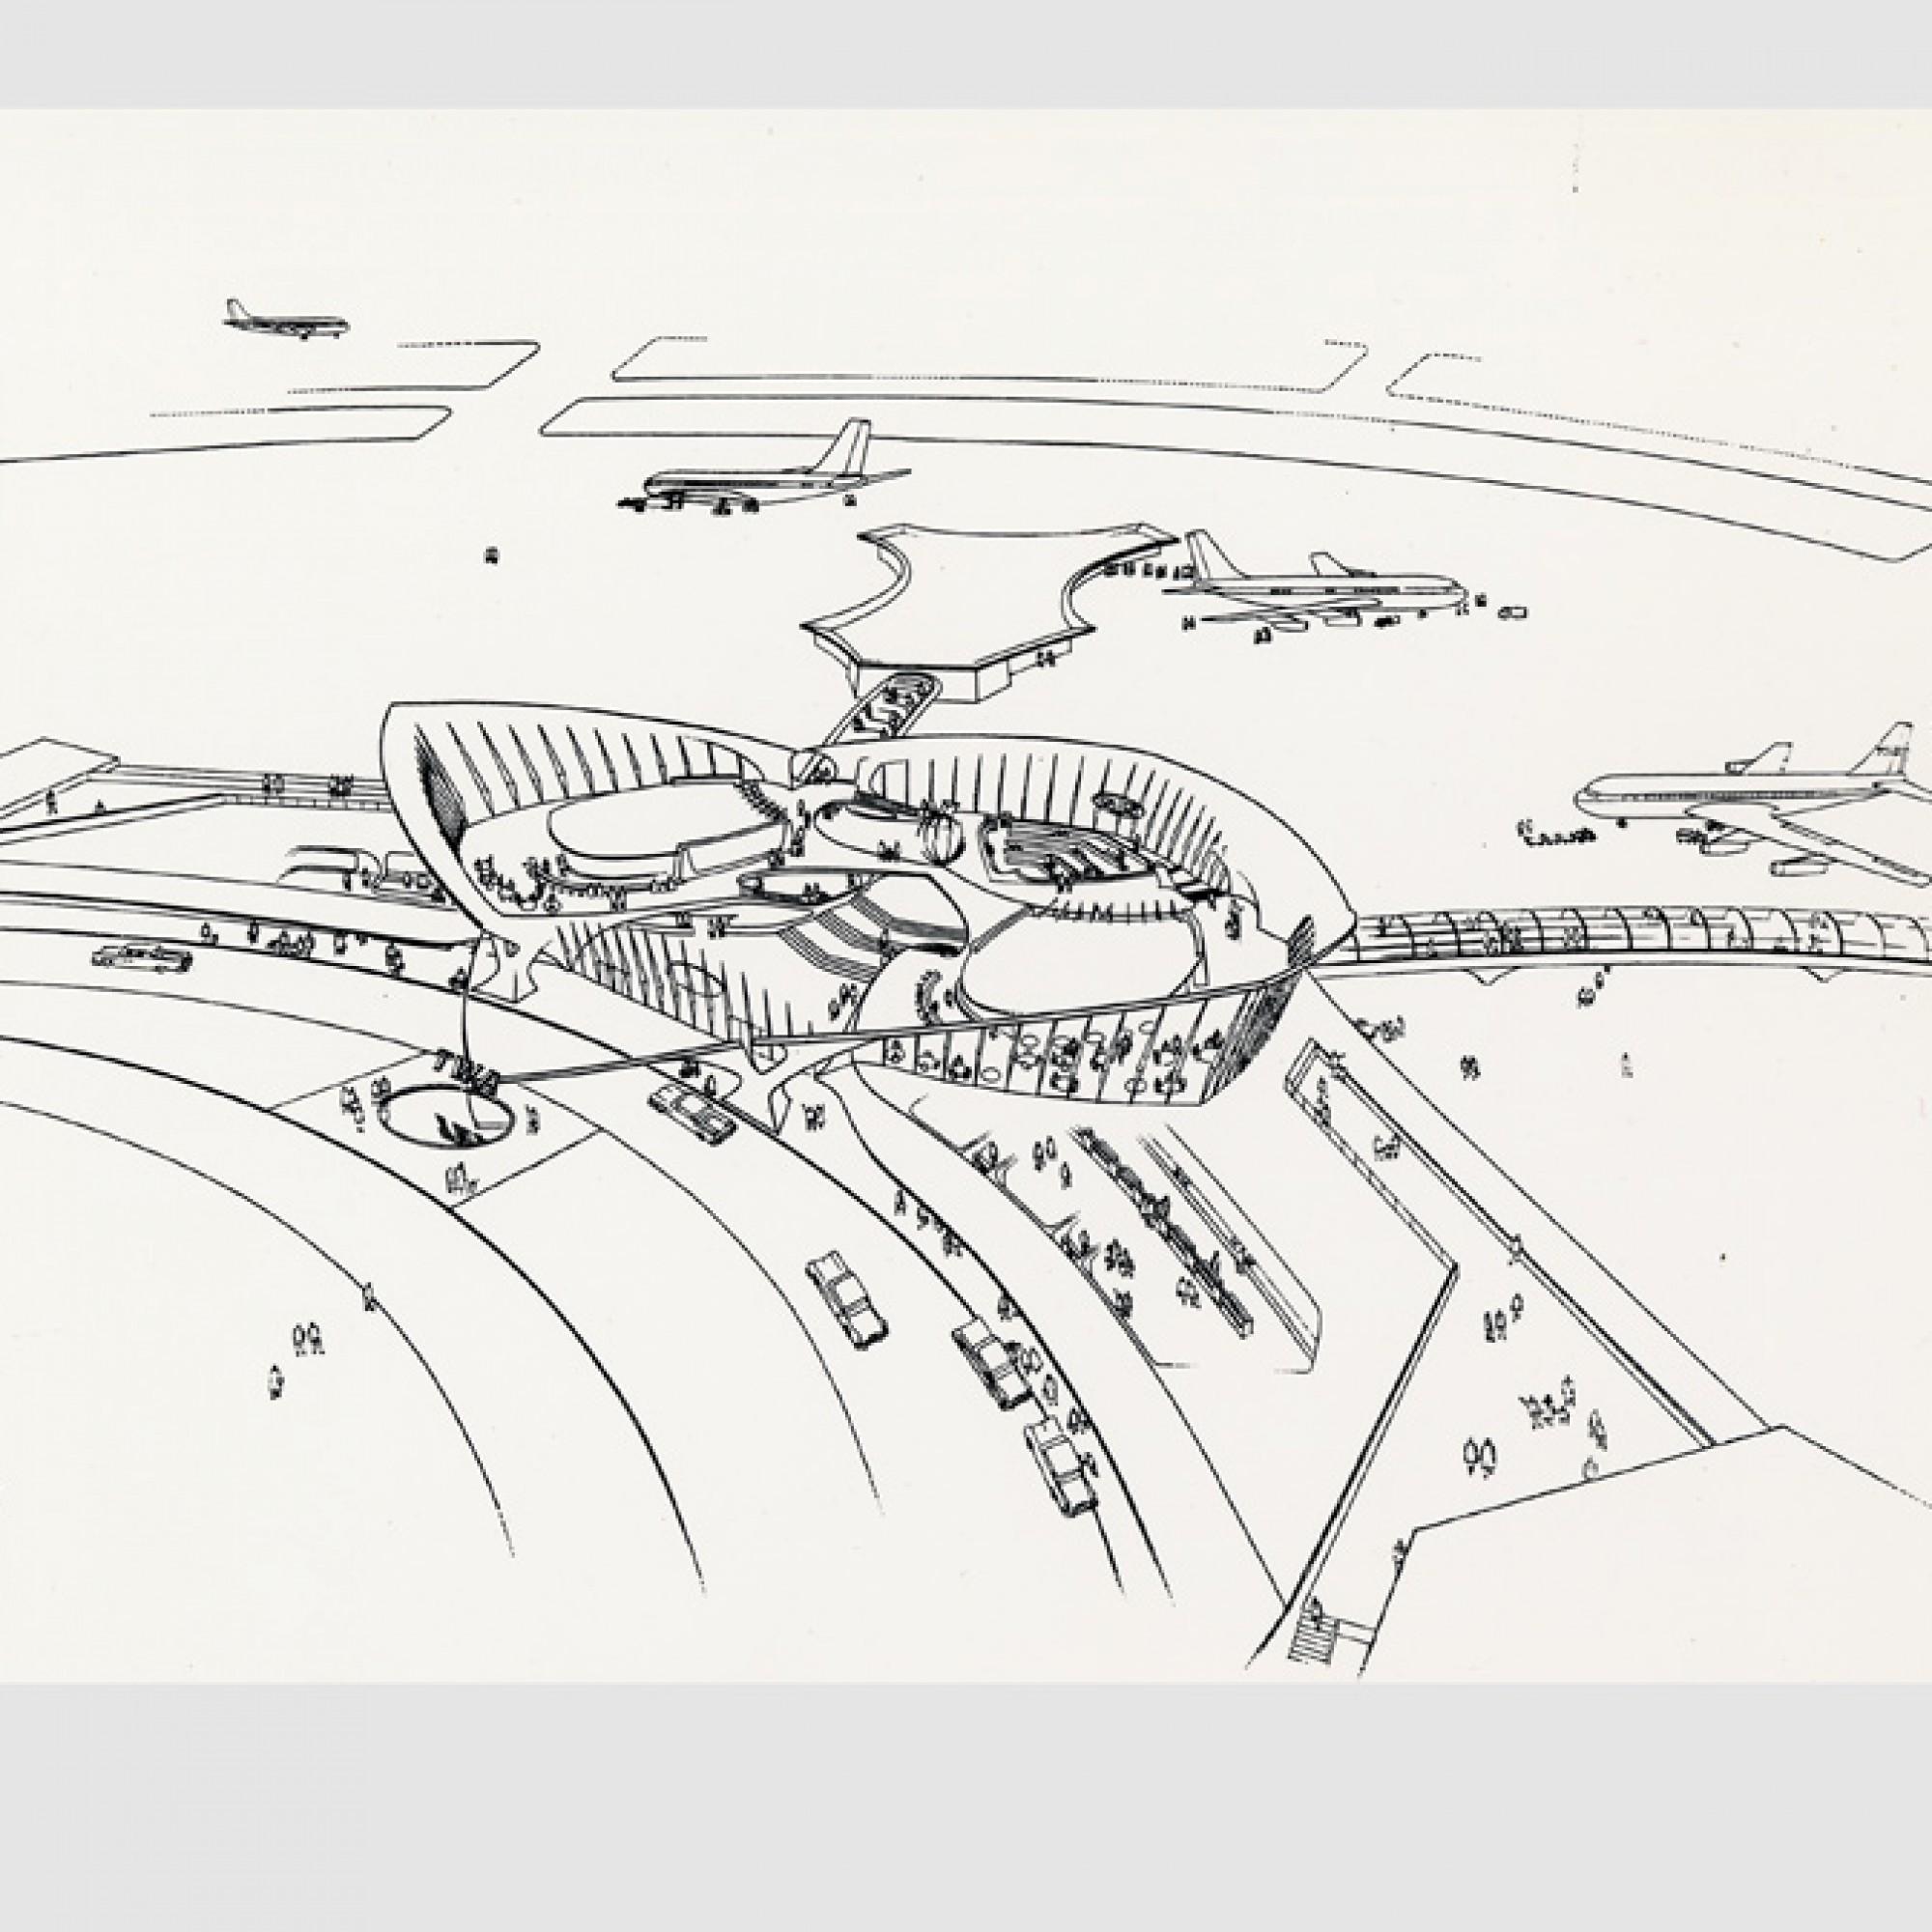 Erster Entwurf von ES&A für das Terminal © Eero Saarinen Collection (MS 593). Manuscripts and Archives, Yale University Library